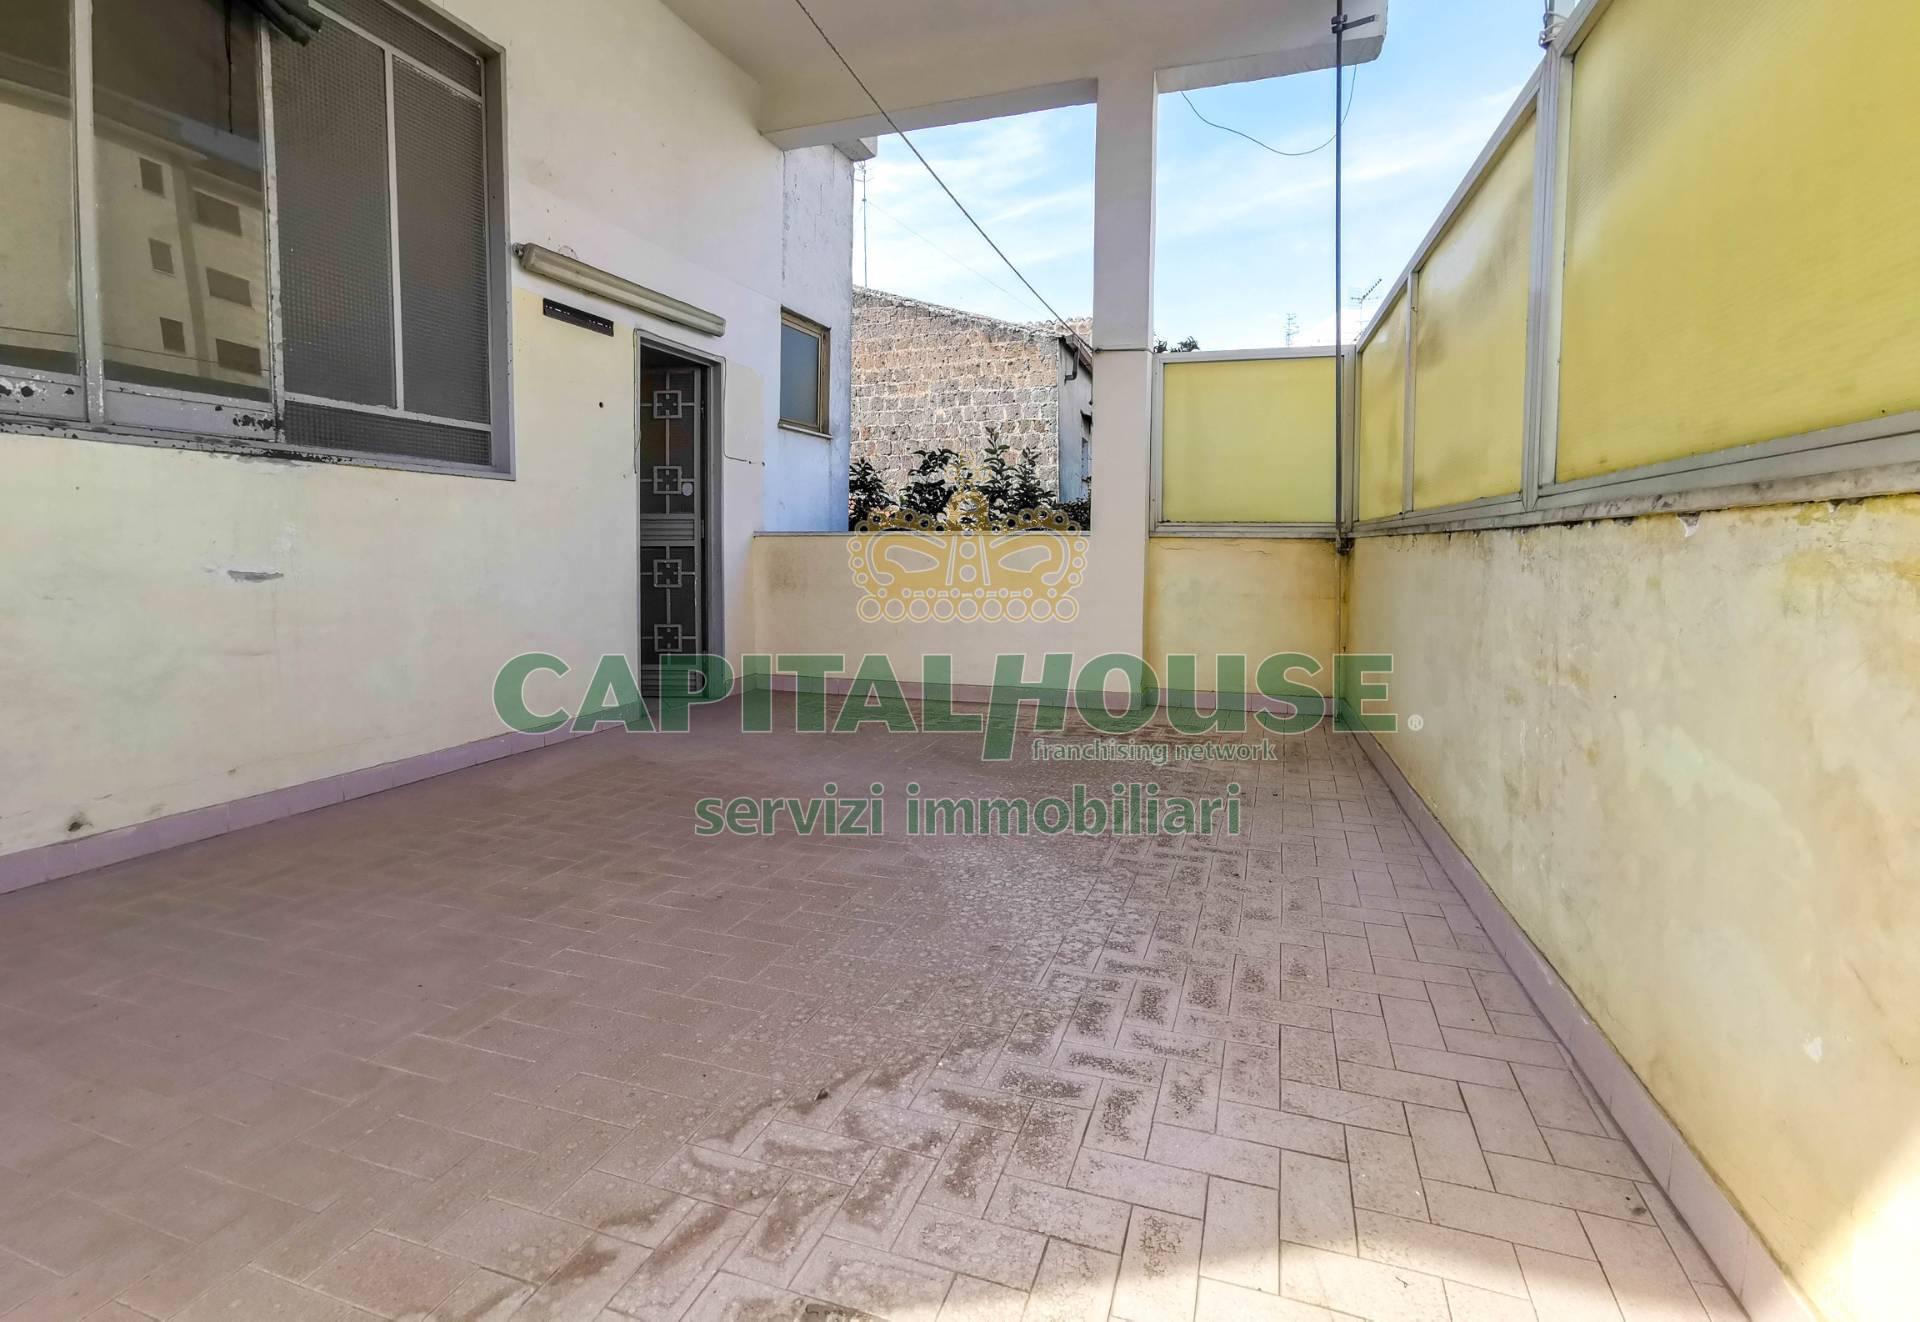 Appartamento in vendita a Santa Maria Capua Vetere, 3 locali, zona Località: Zonanuova, prezzo € 38.000 | PortaleAgenzieImmobiliari.it